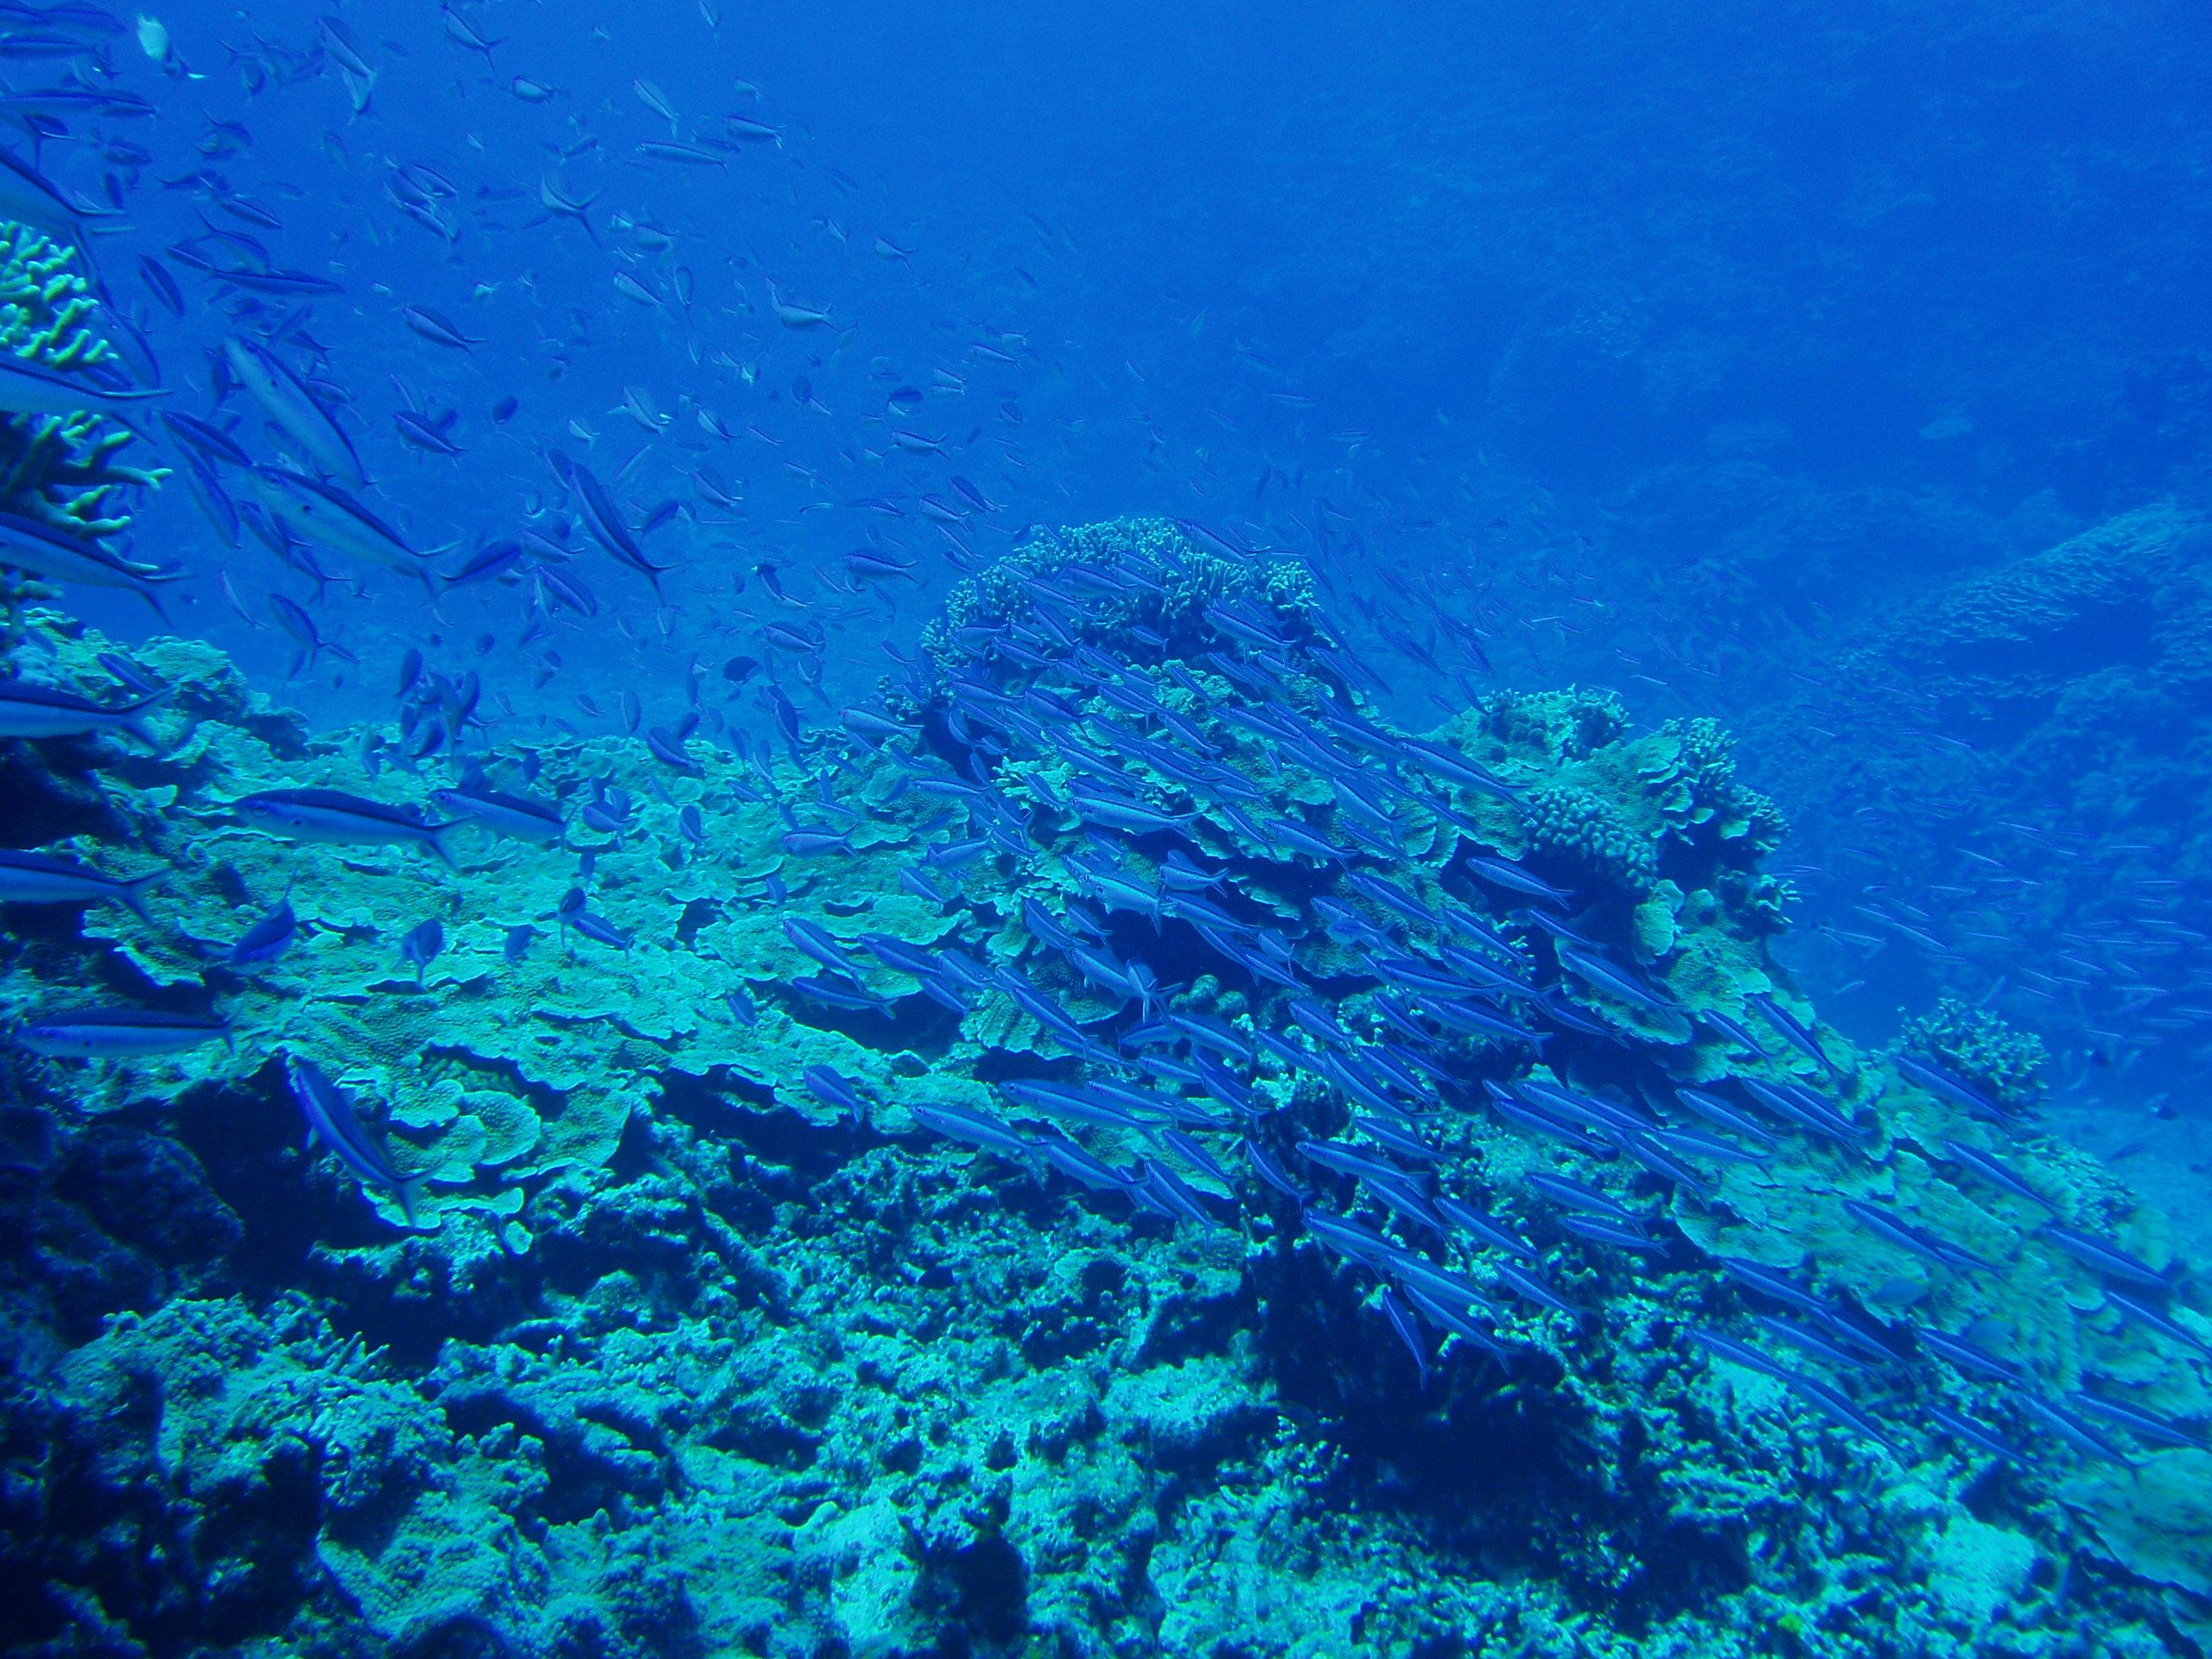 9月5日 ポイント1 ブツブツサンゴ ポイント2 イジャカジャ ポイント3 北浜 水温28℃ 透明度30m